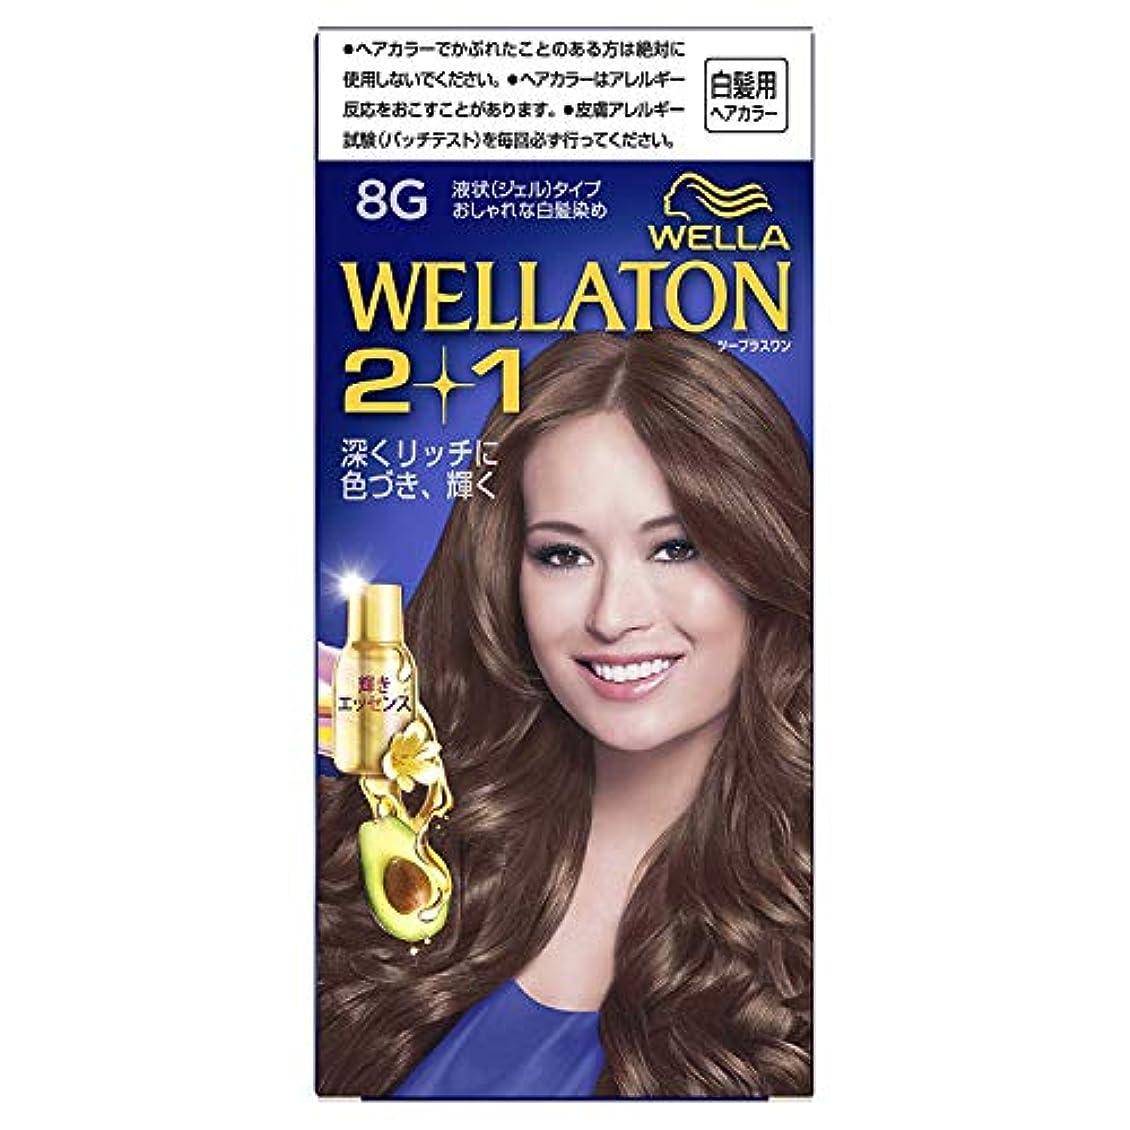 感嘆憎しみ賞賛ウエラトーン2+1 白髪染め 液状タイプ 8G [医薬部外品] ×6個